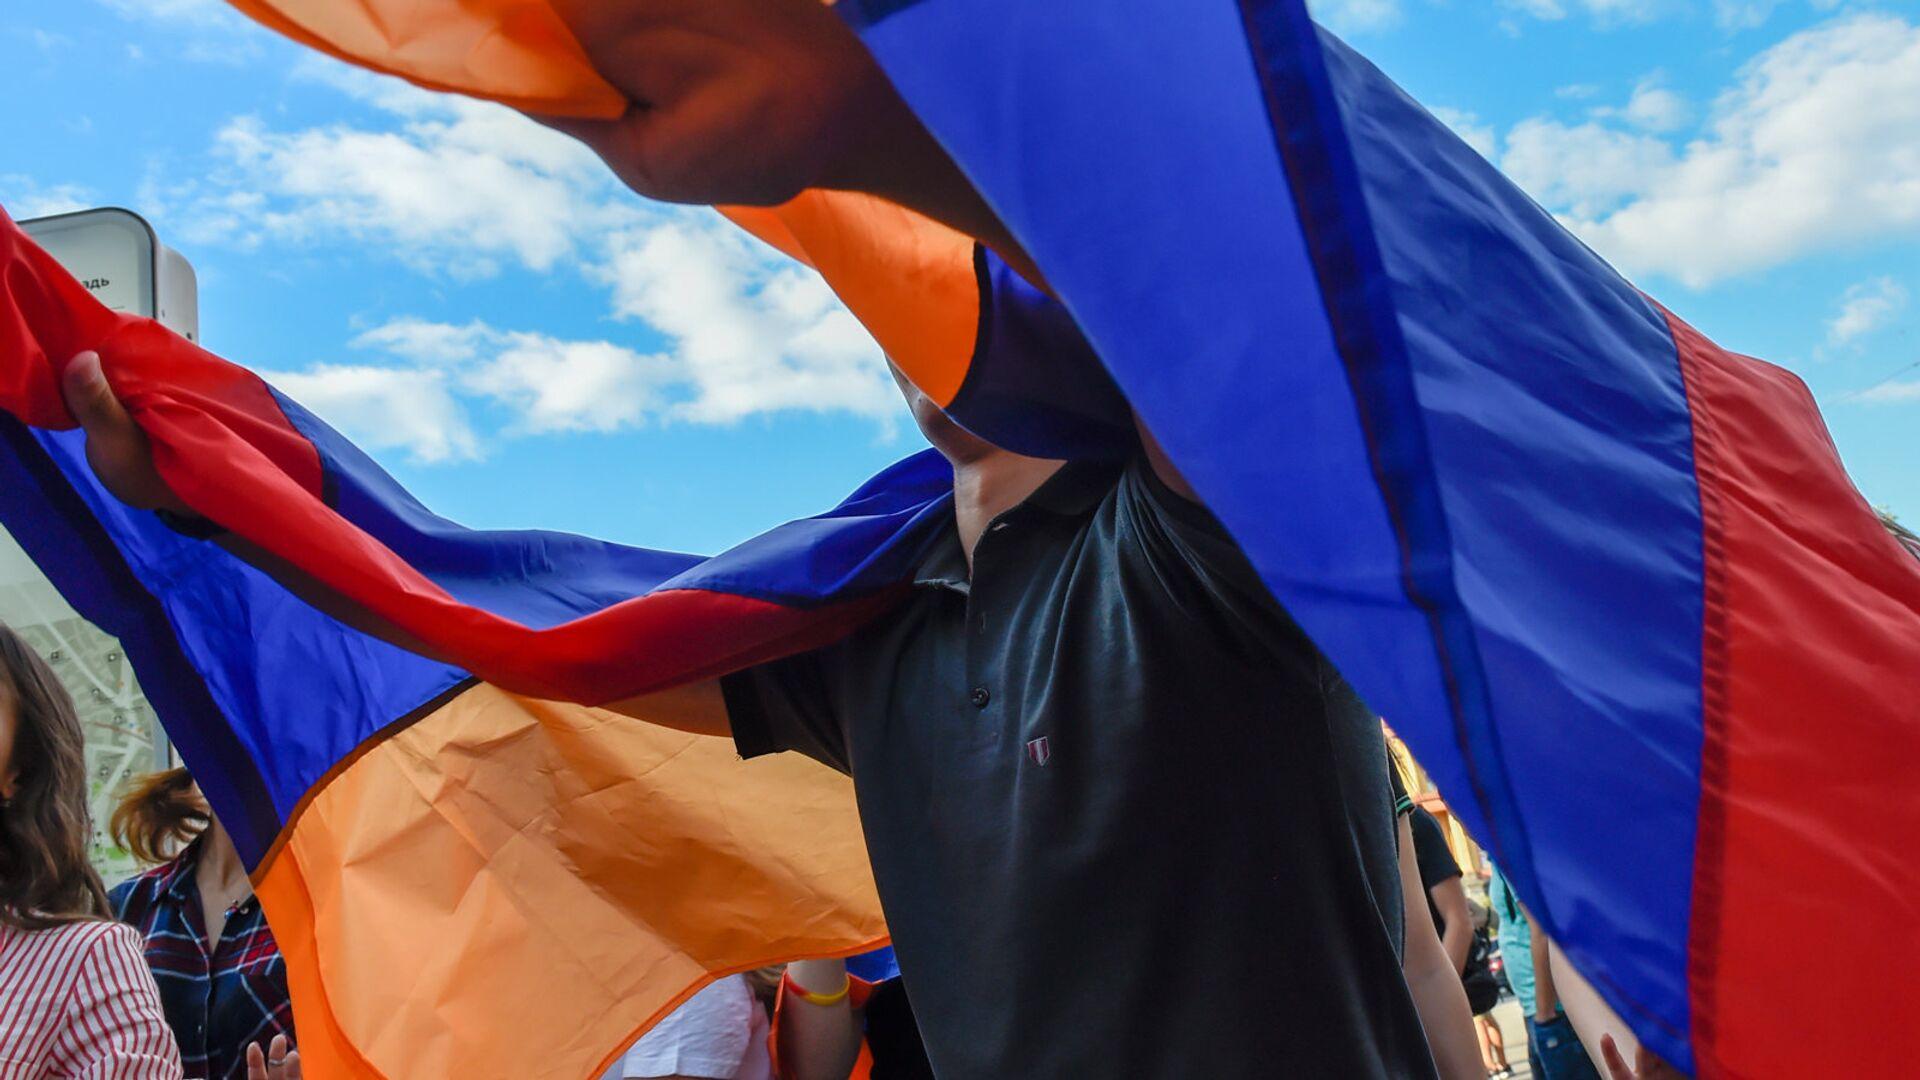 Армянский патриотический вечер на Никольской улице (2 июля 2018). Москвa - Sputnik Армения, 1920, 21.09.2021